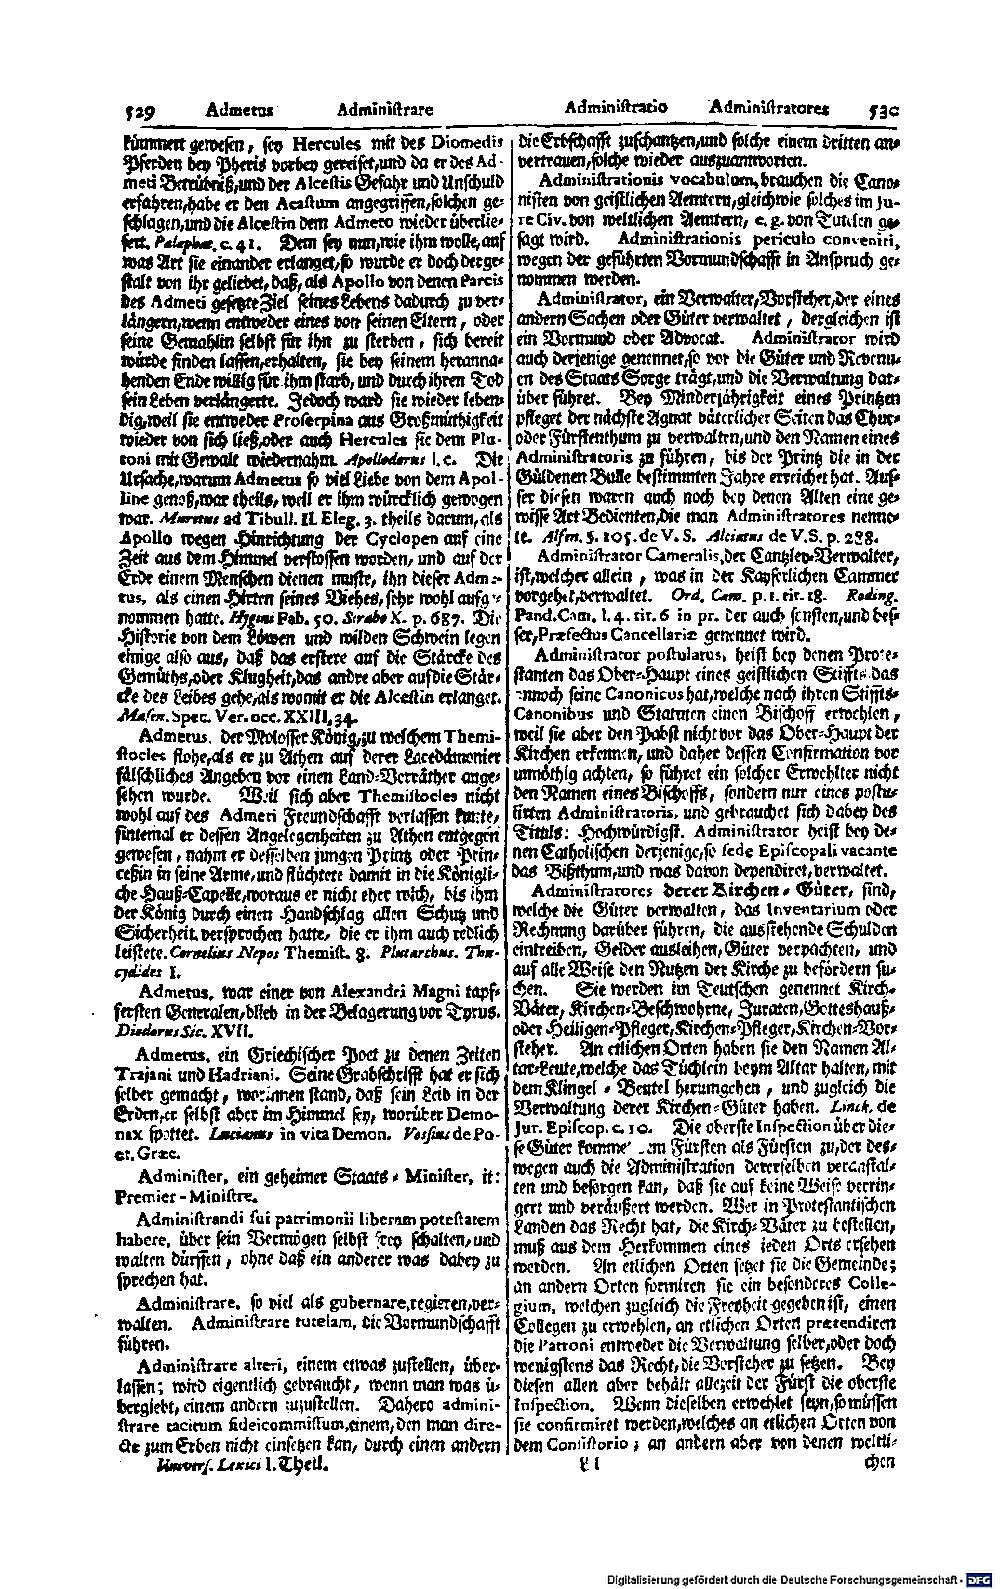 Bd. 01, Seite 0304.